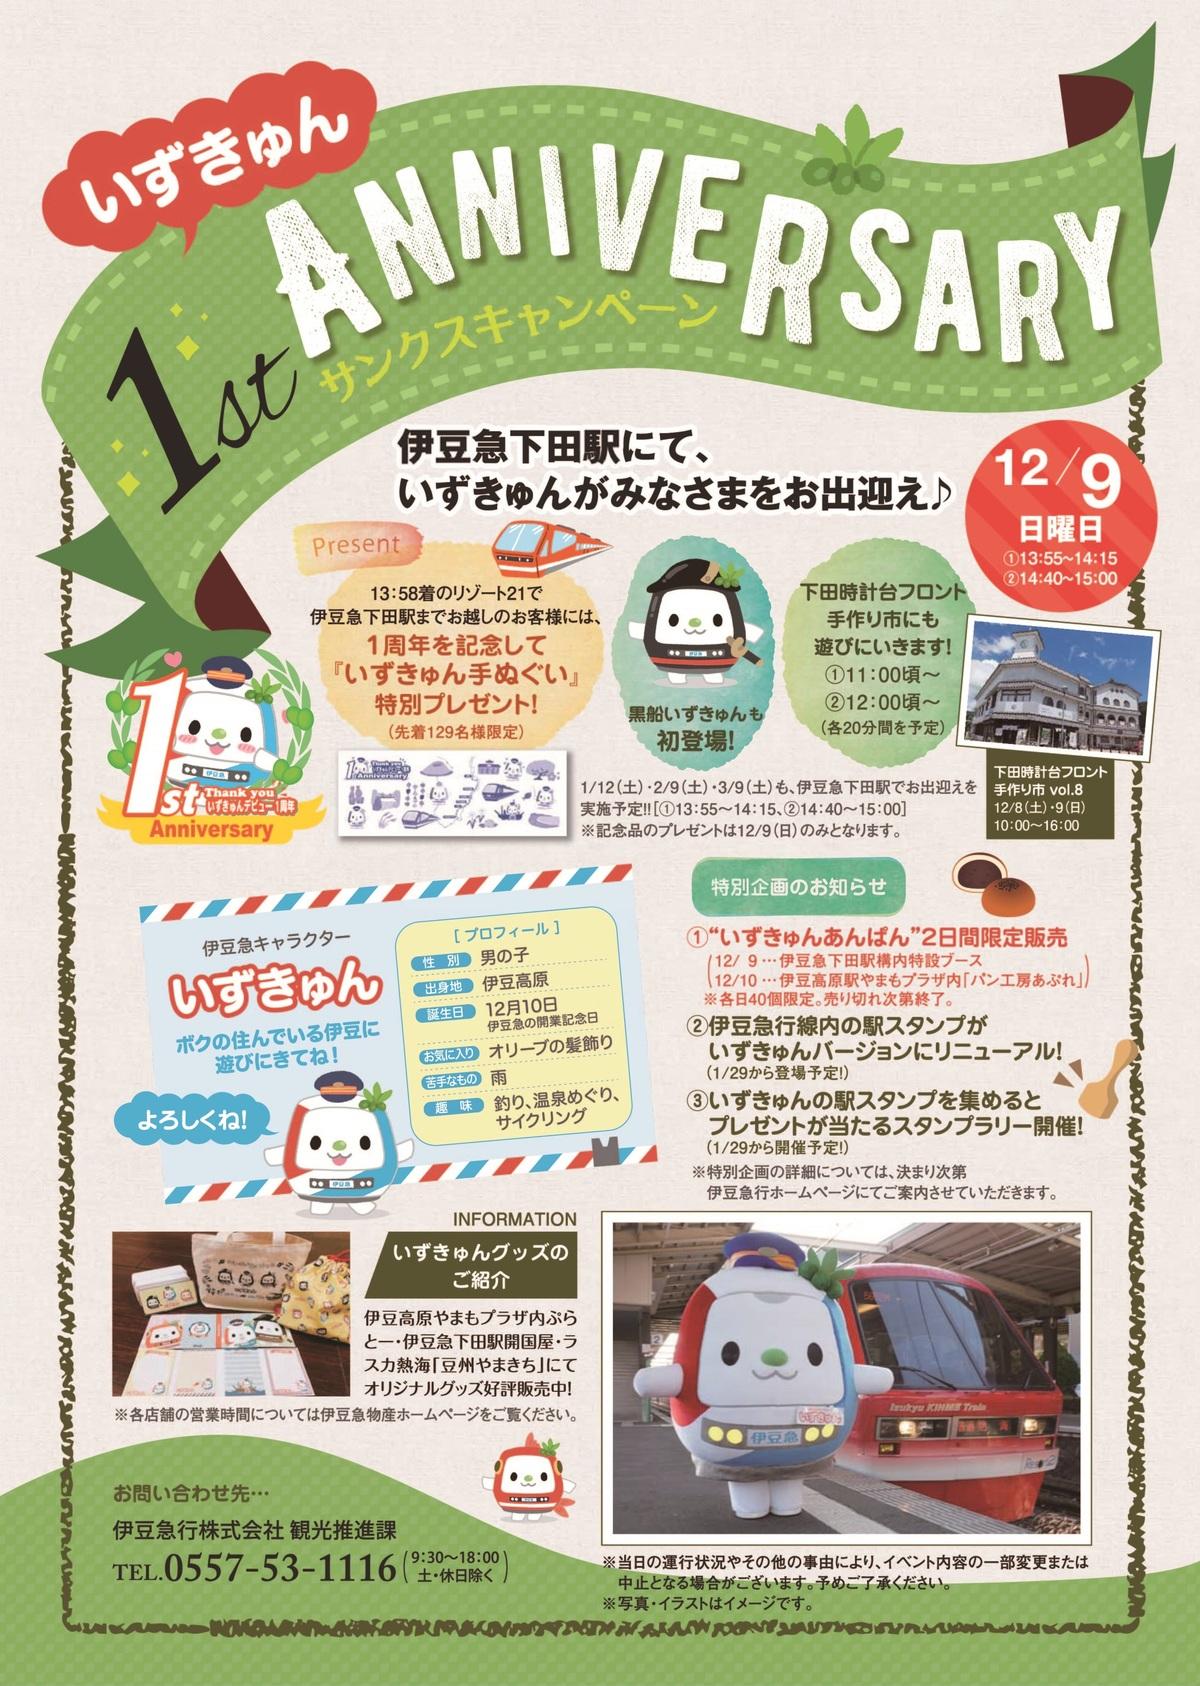 「いずきゅん 1st Anniversary サンクスキャンペーン」(チラシ)